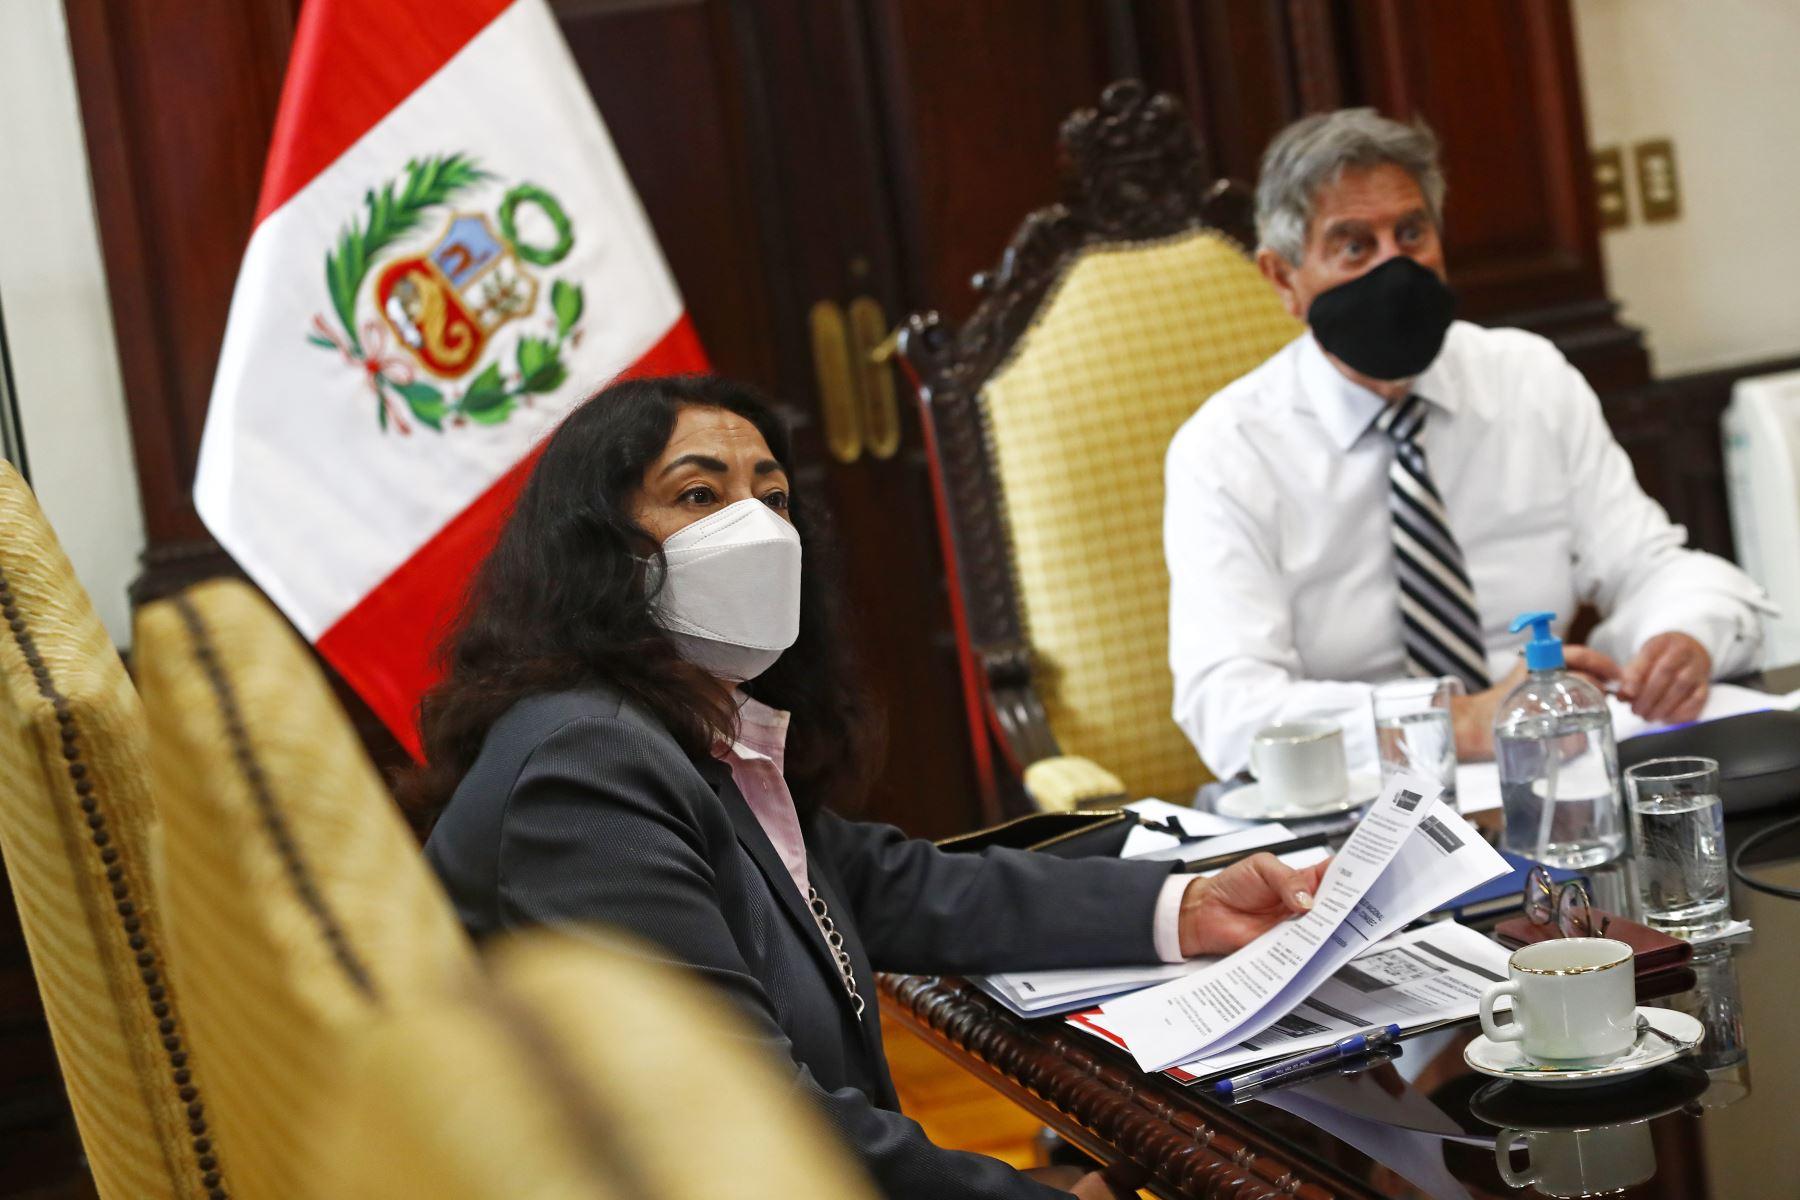 El presidente Francisco Sagasti participó en la tercera sesión del Consejo Nacional de Seguridad Ciudadana (Conasec), donde se evaluó los avances de la implementación de las bases para el fortalecimiento y la modernización de la Policía Nacional del Perú. Foto: ANDINA/Prensa Presidencia